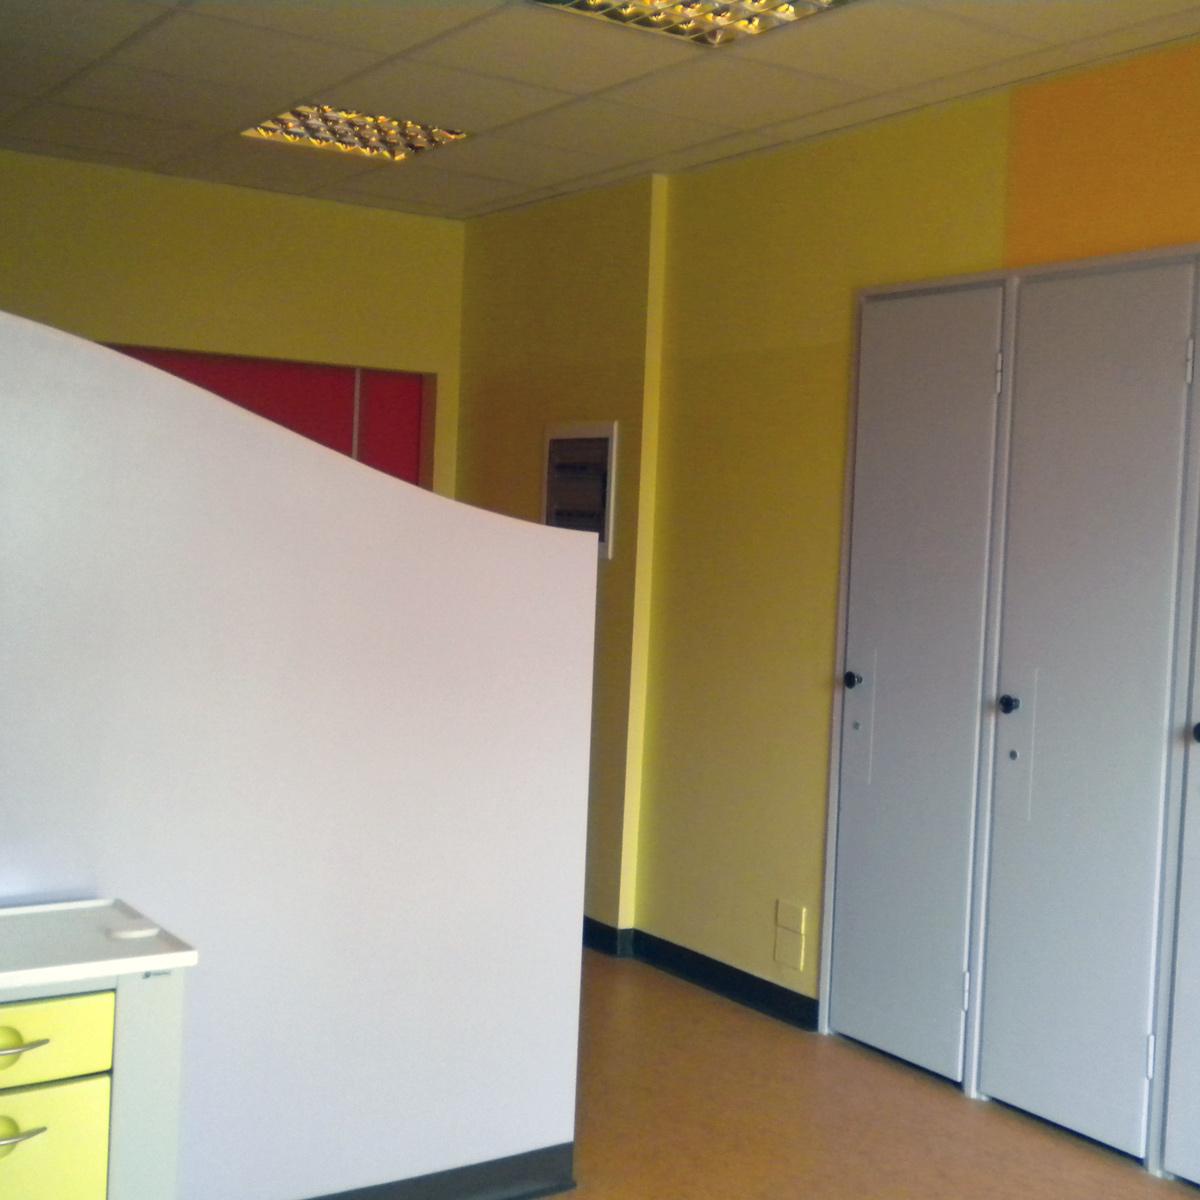 Disegni pareti interne disegni pareti interne with disegni pareti interne next with disegni - Decorazione pareti interne ...